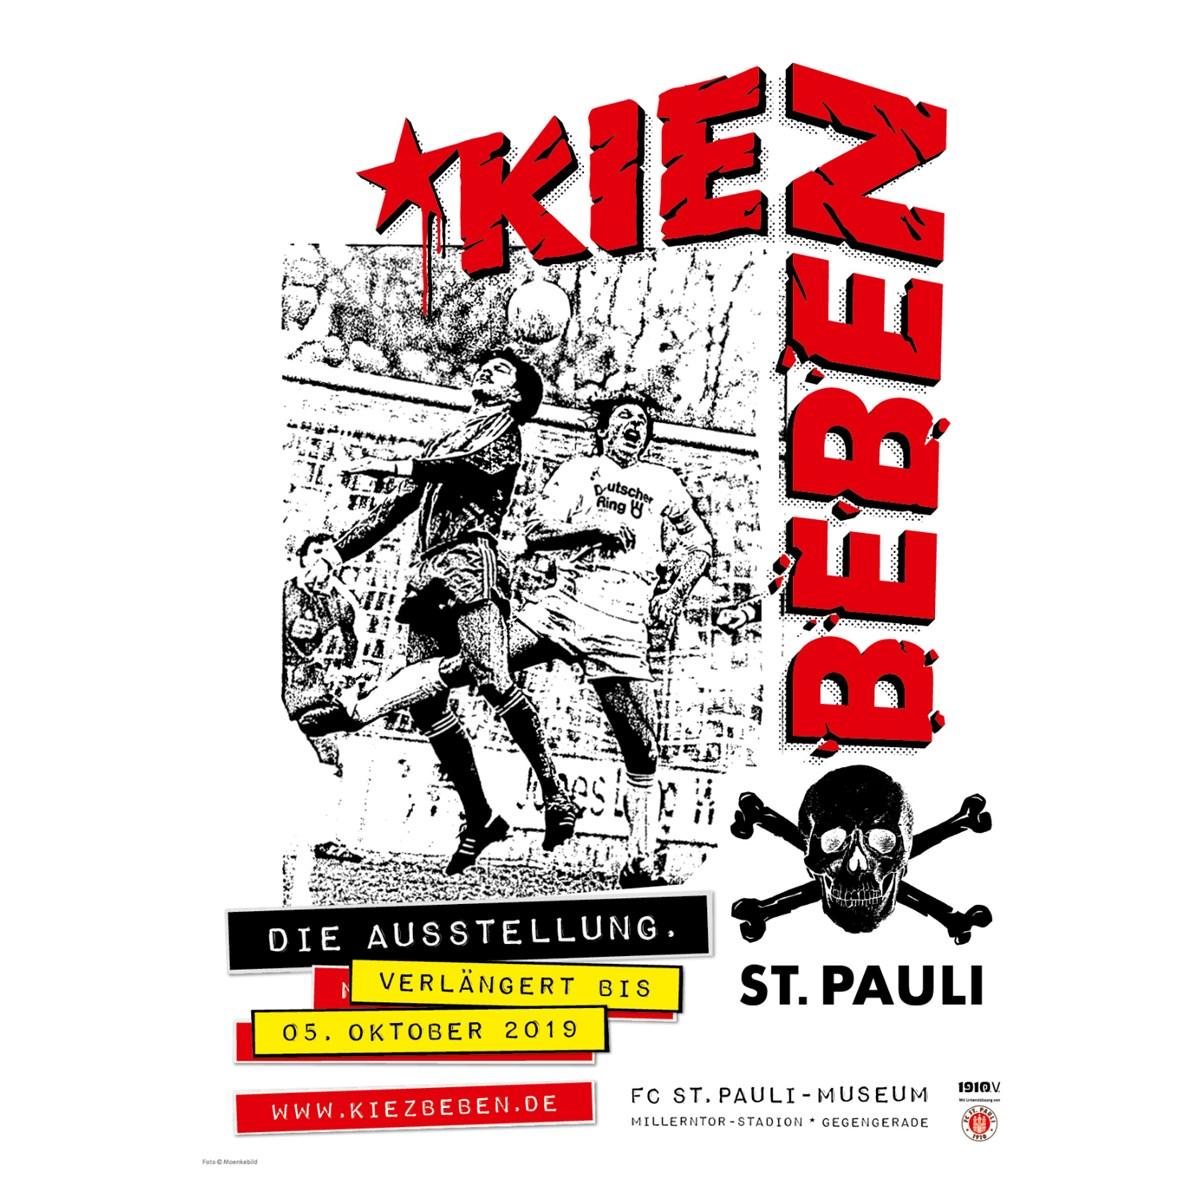 Die Ausstellung KIEZBEBEN ist bis einschließlich 5. Oktober immer Do.+Fr. von 16 bis 22 und Sa.+So. von 11 bis 19 Uhr im FC St. Pauli-Museum in der Gegengerade geöffnet.